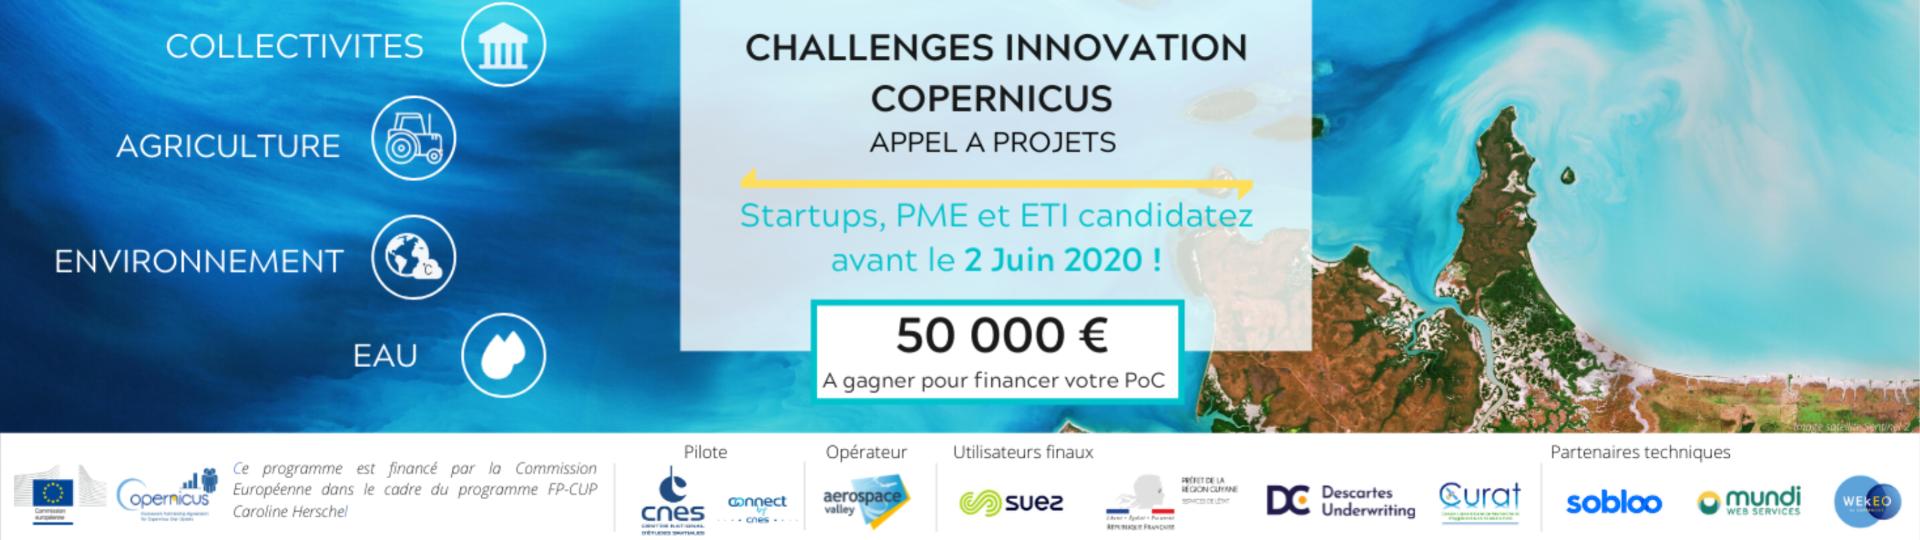 ep_challenges_cop_ami_entreprises.png